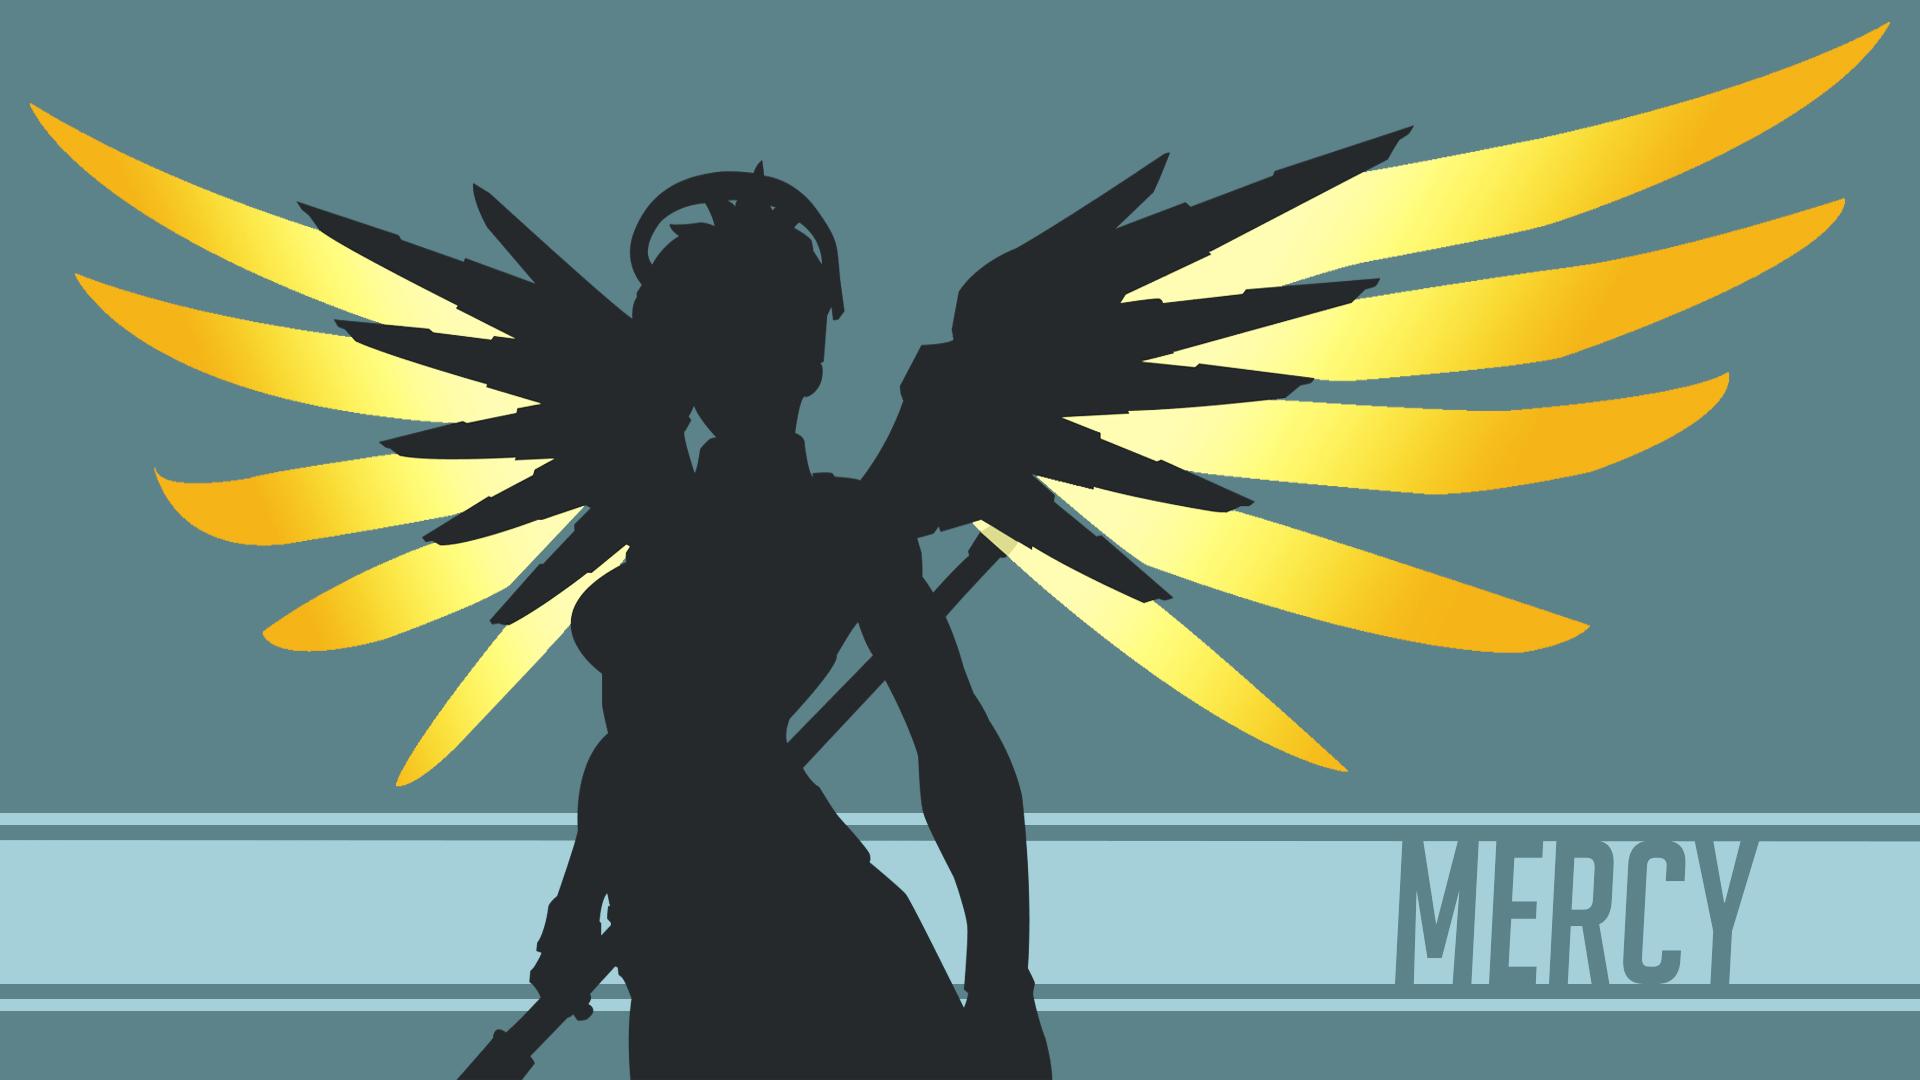 Overwatch : Mercy Download